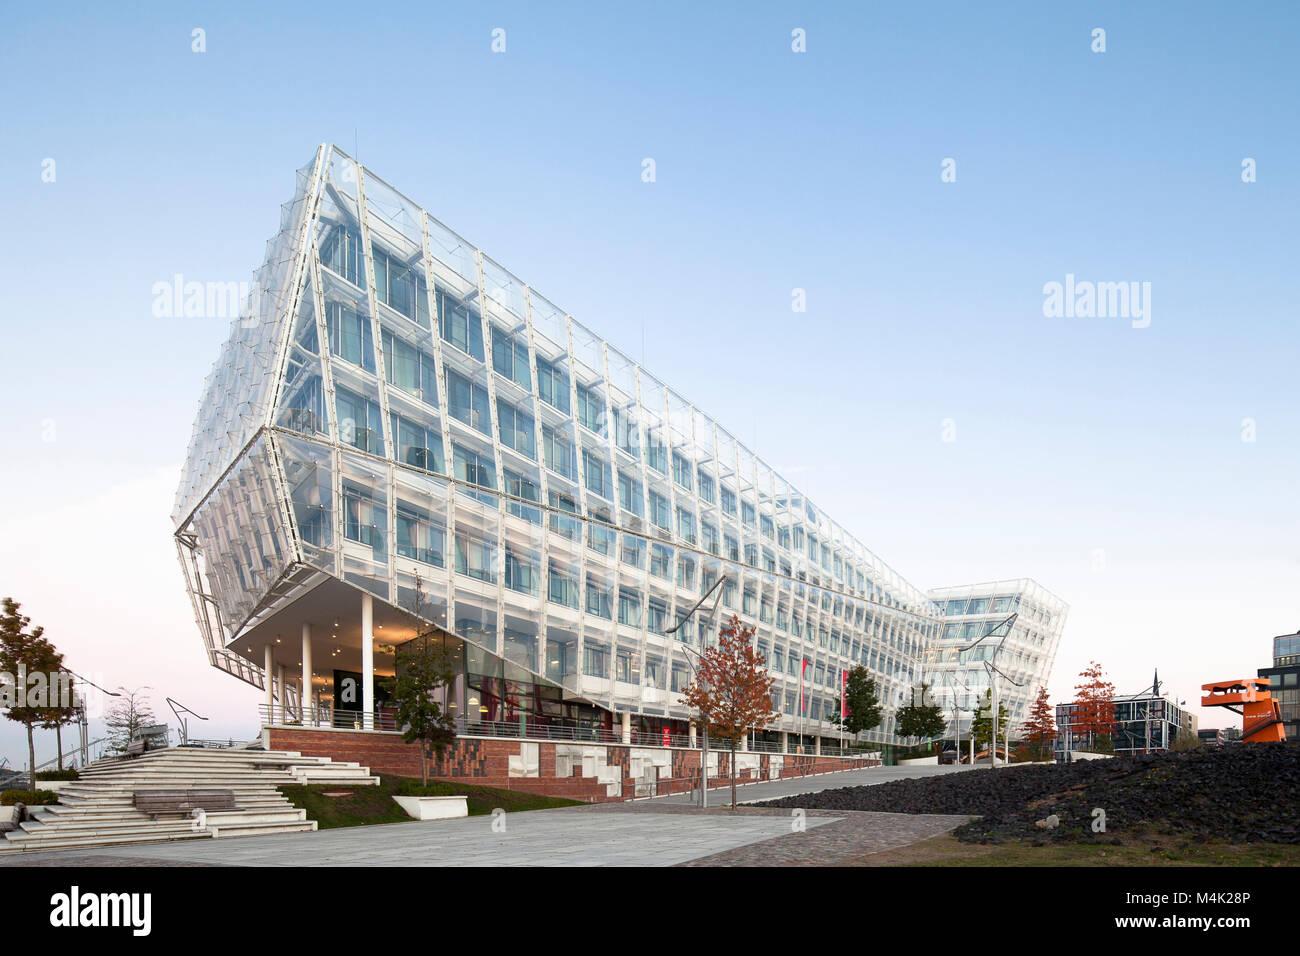 'Unilever Building', headquarter of Unilever Germany at the HafenCity Hamburg, Germany - Stock Image